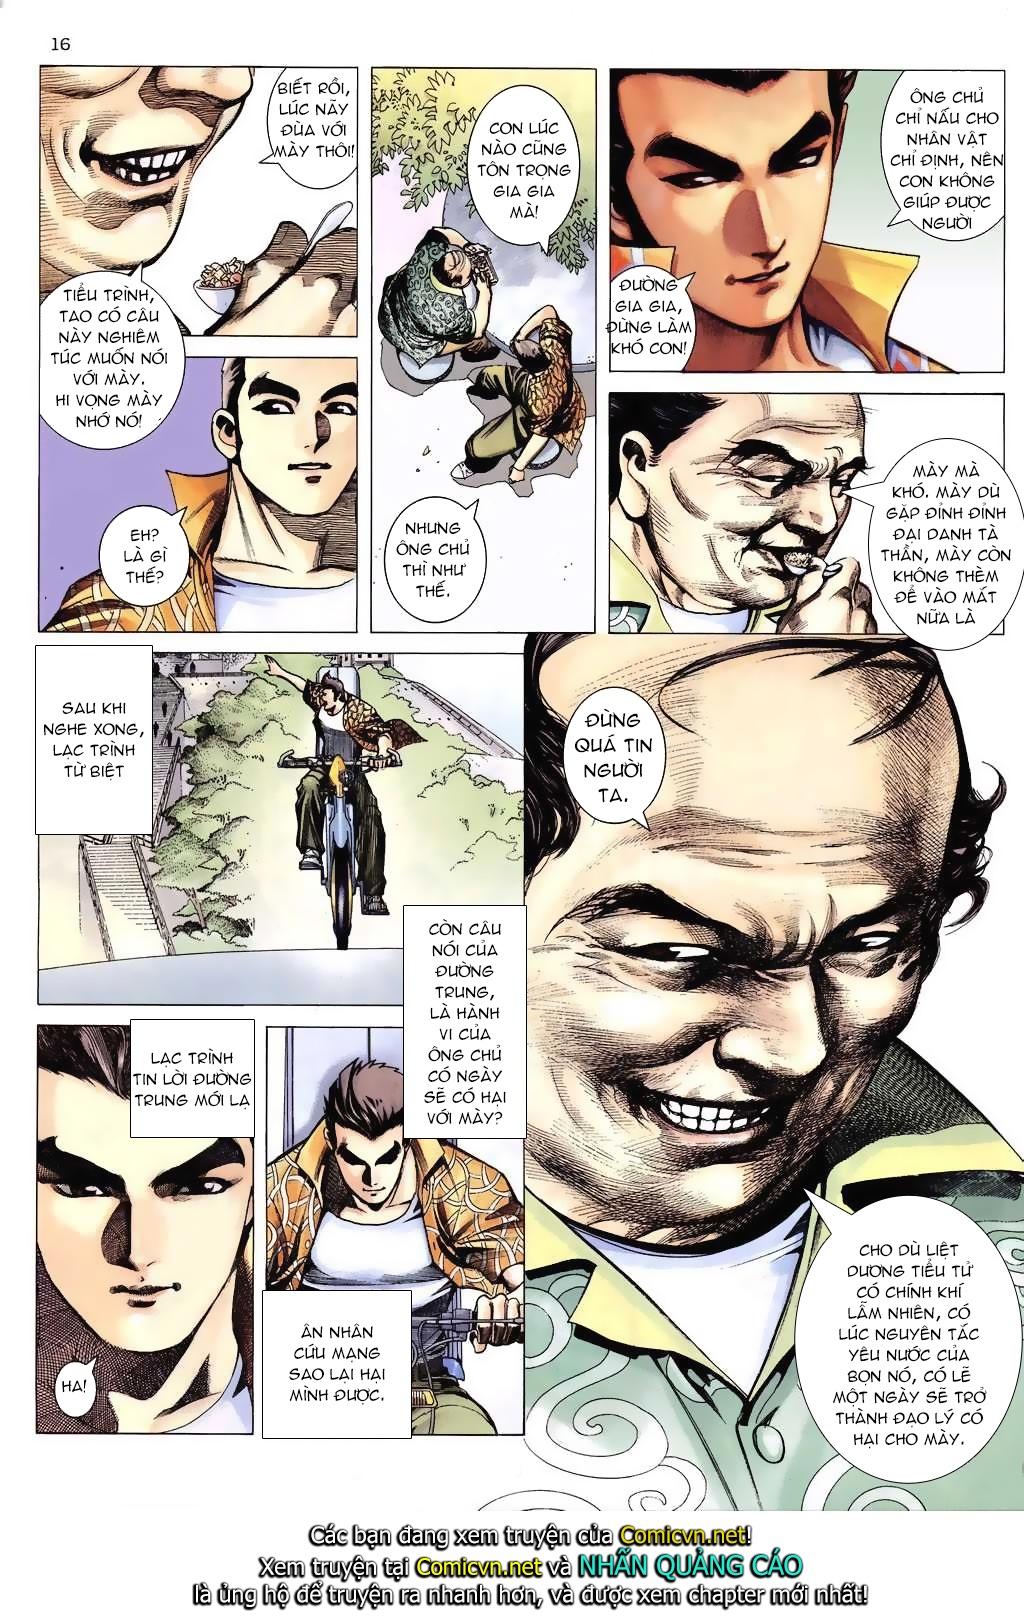 Xích Trụ Phạn Đường chap 6 - Trang 16